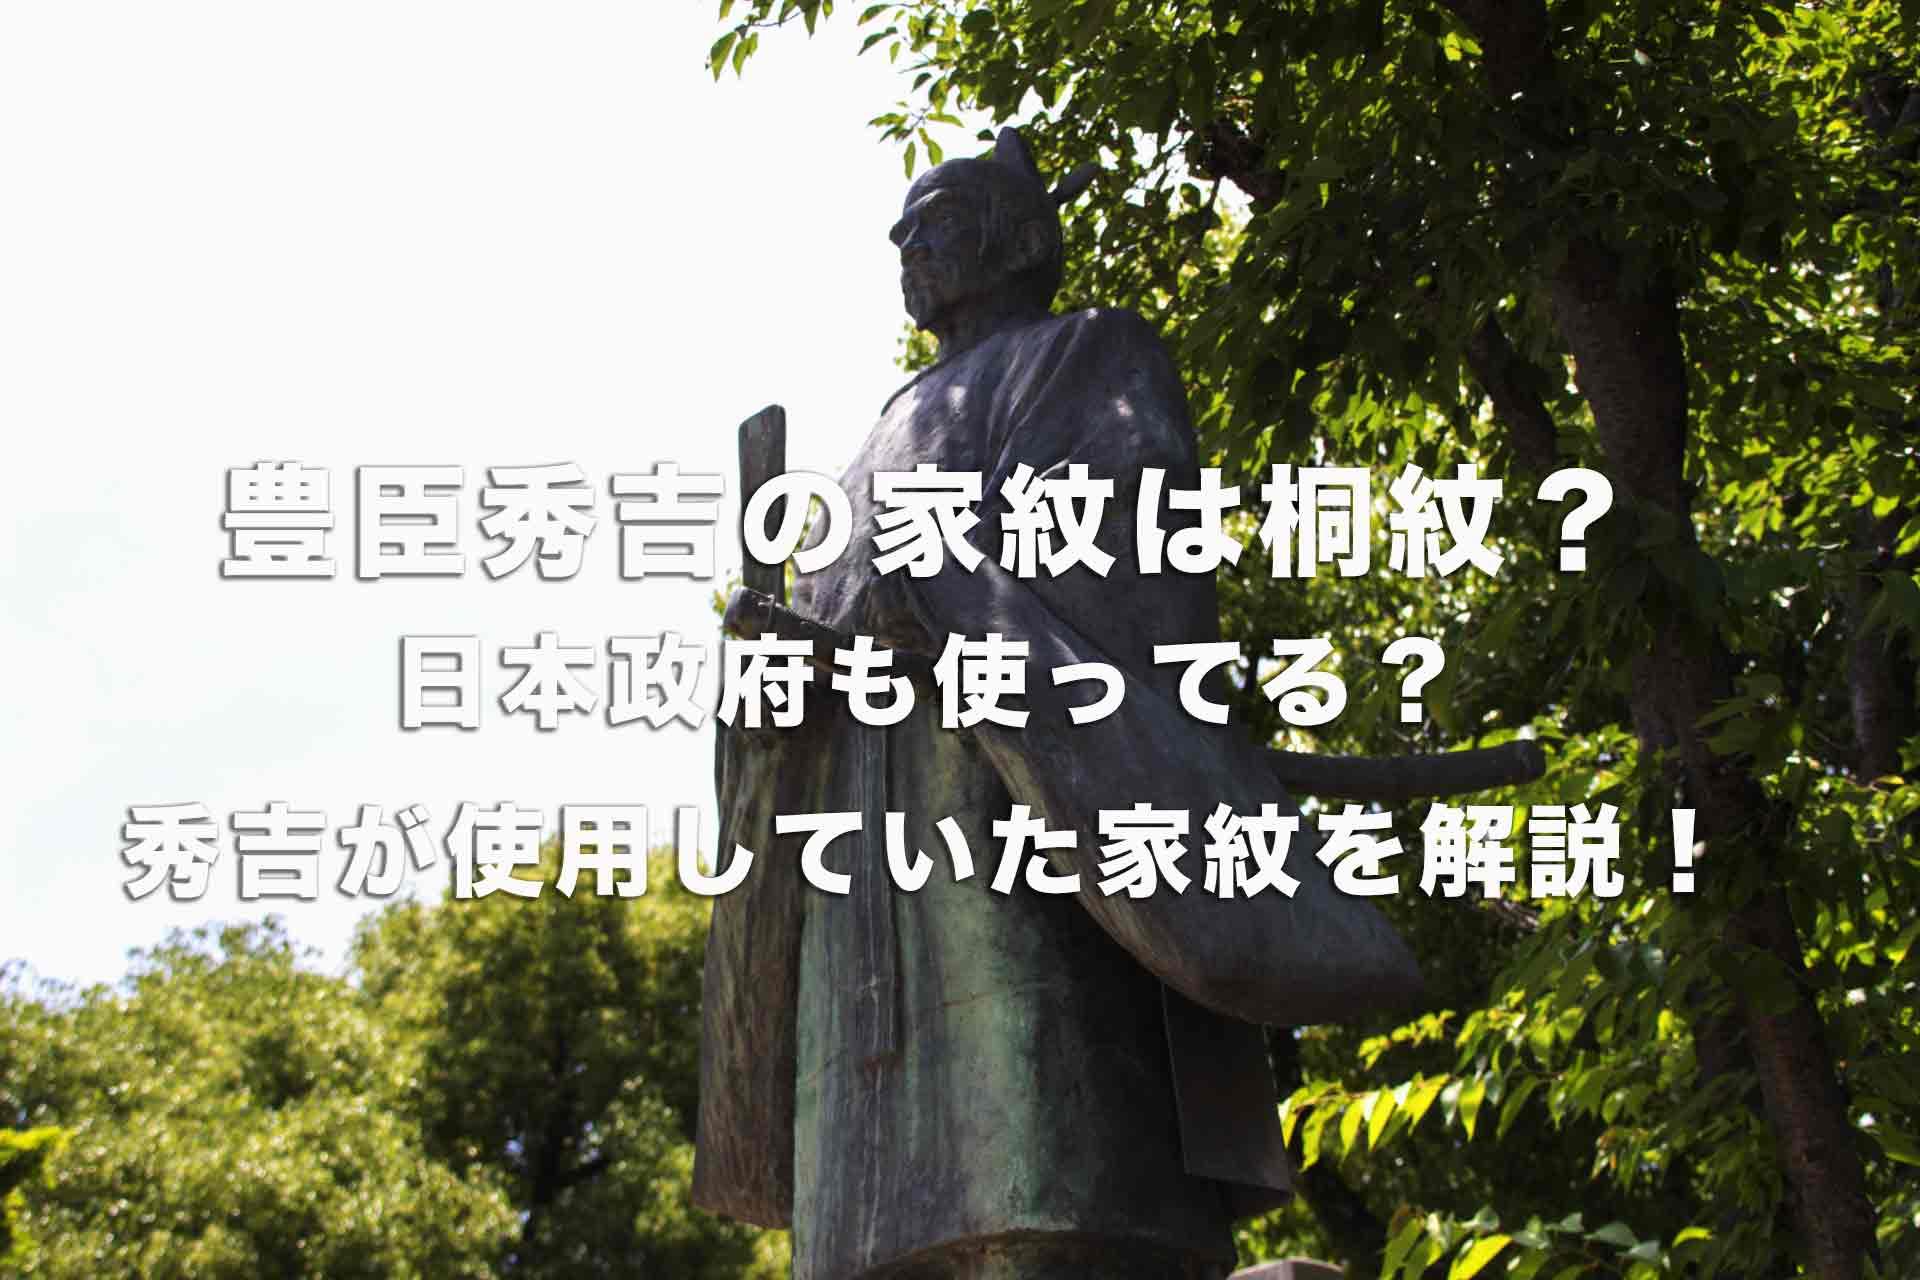 豊臣秀吉の家紋は桐紋?日本政府も使っている?秀吉の家紋とその意味徹底解説!